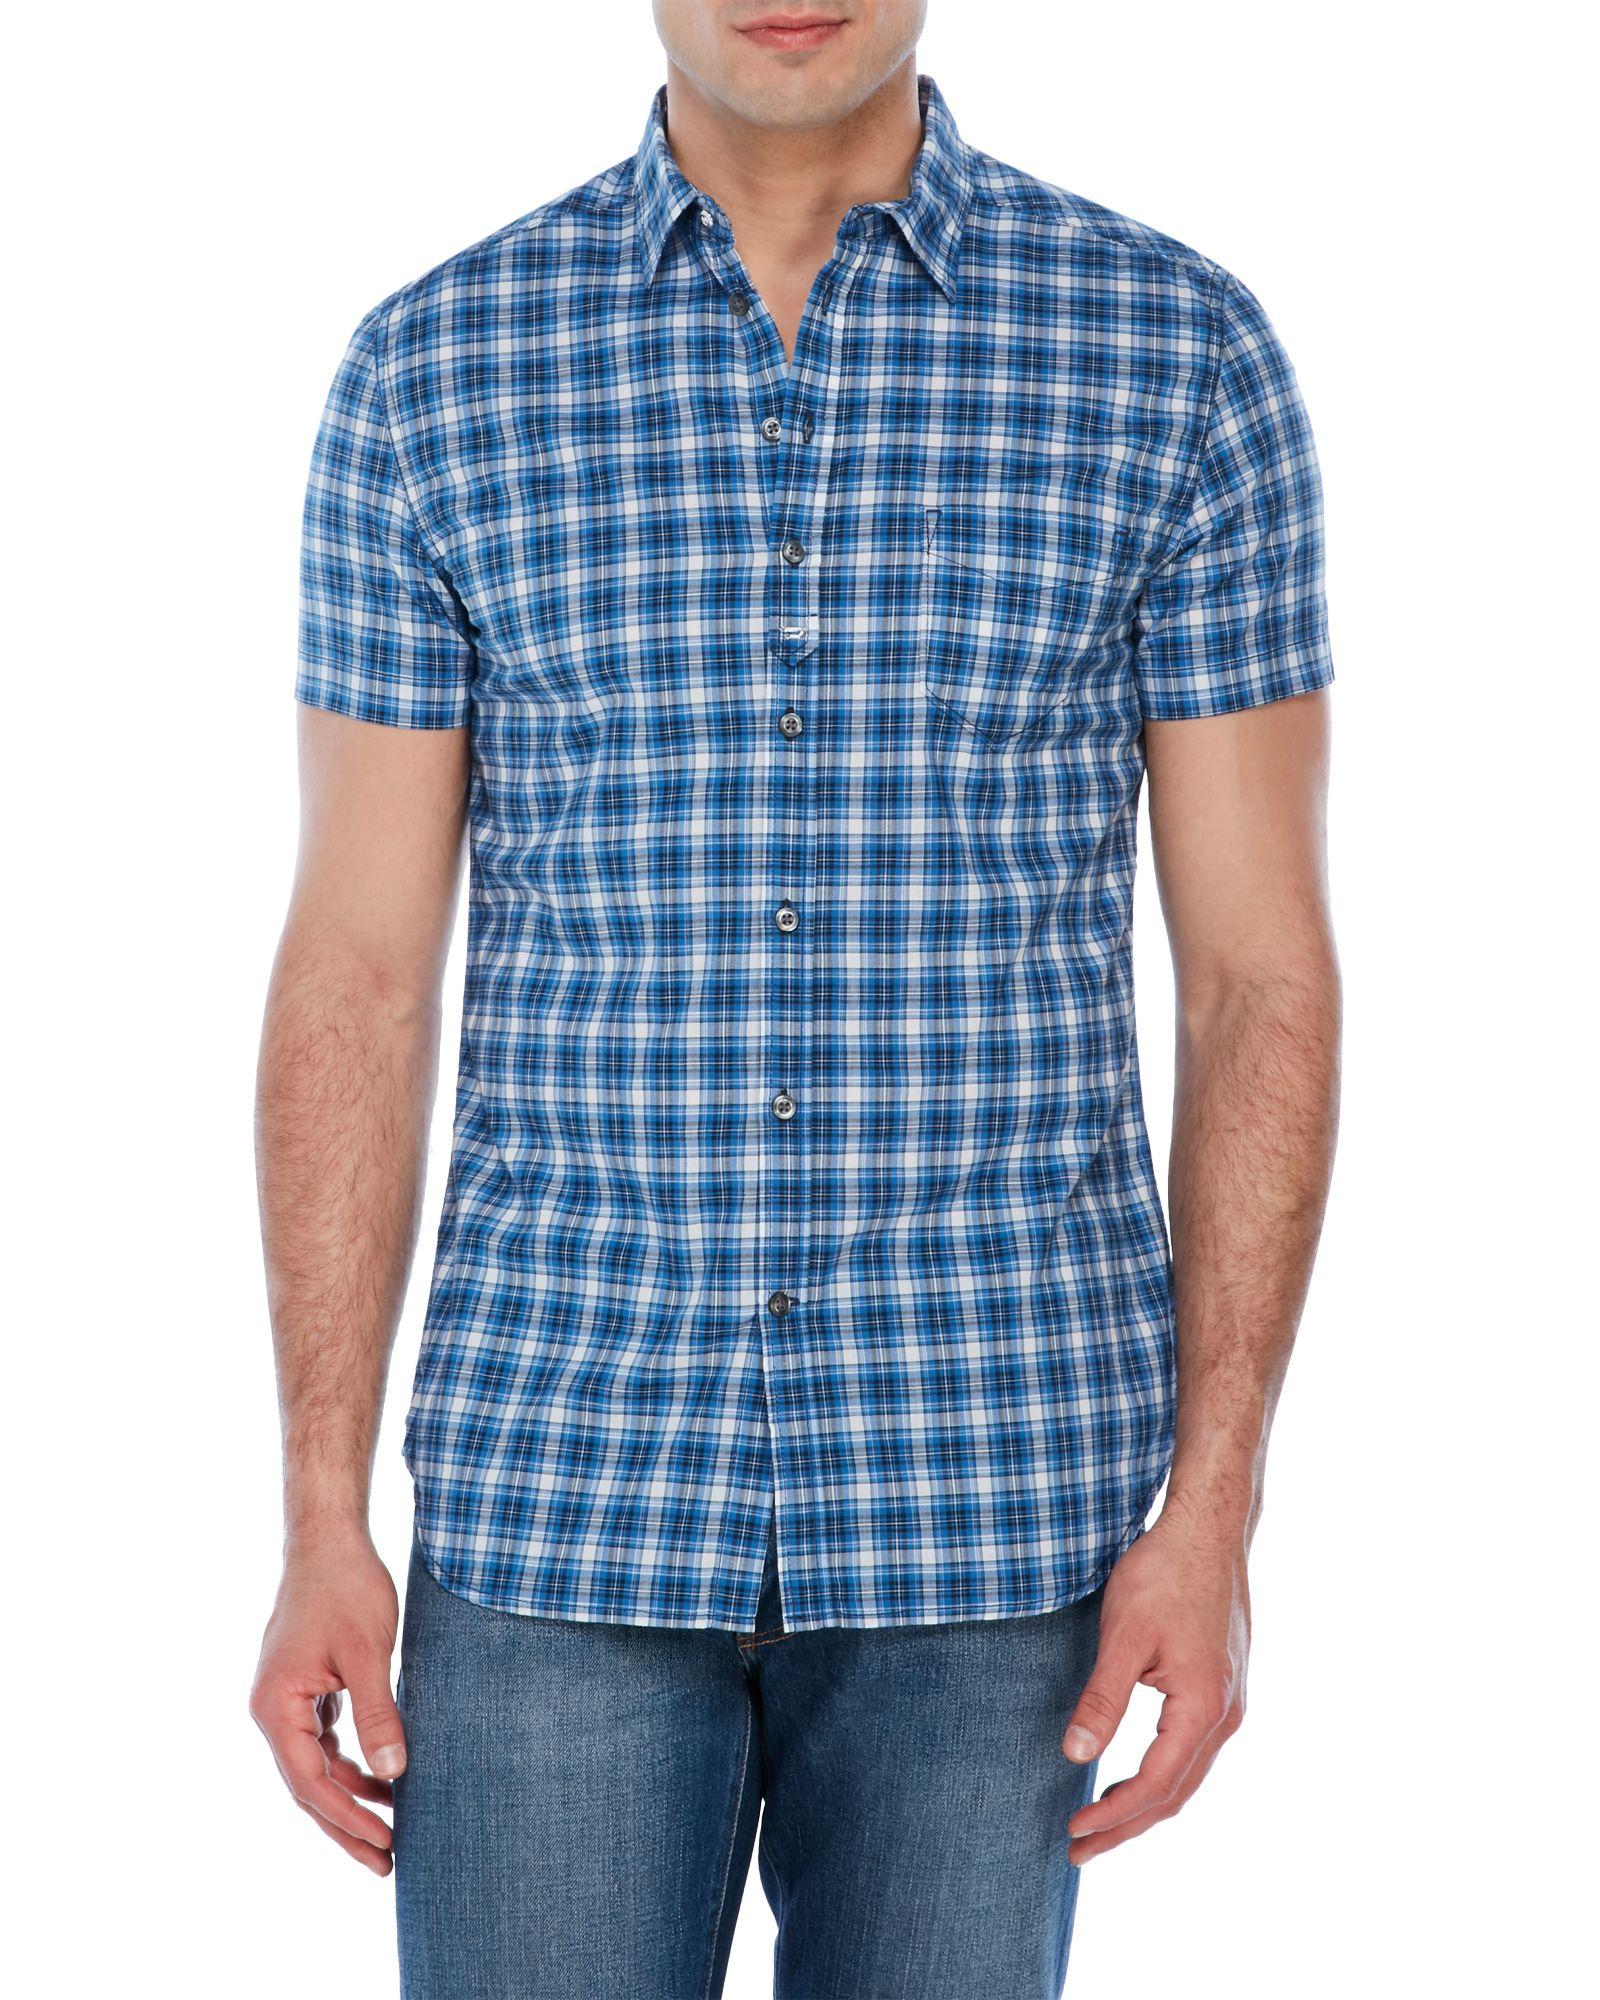 Diesel Jugo Short Sleeve Plaid Shirt